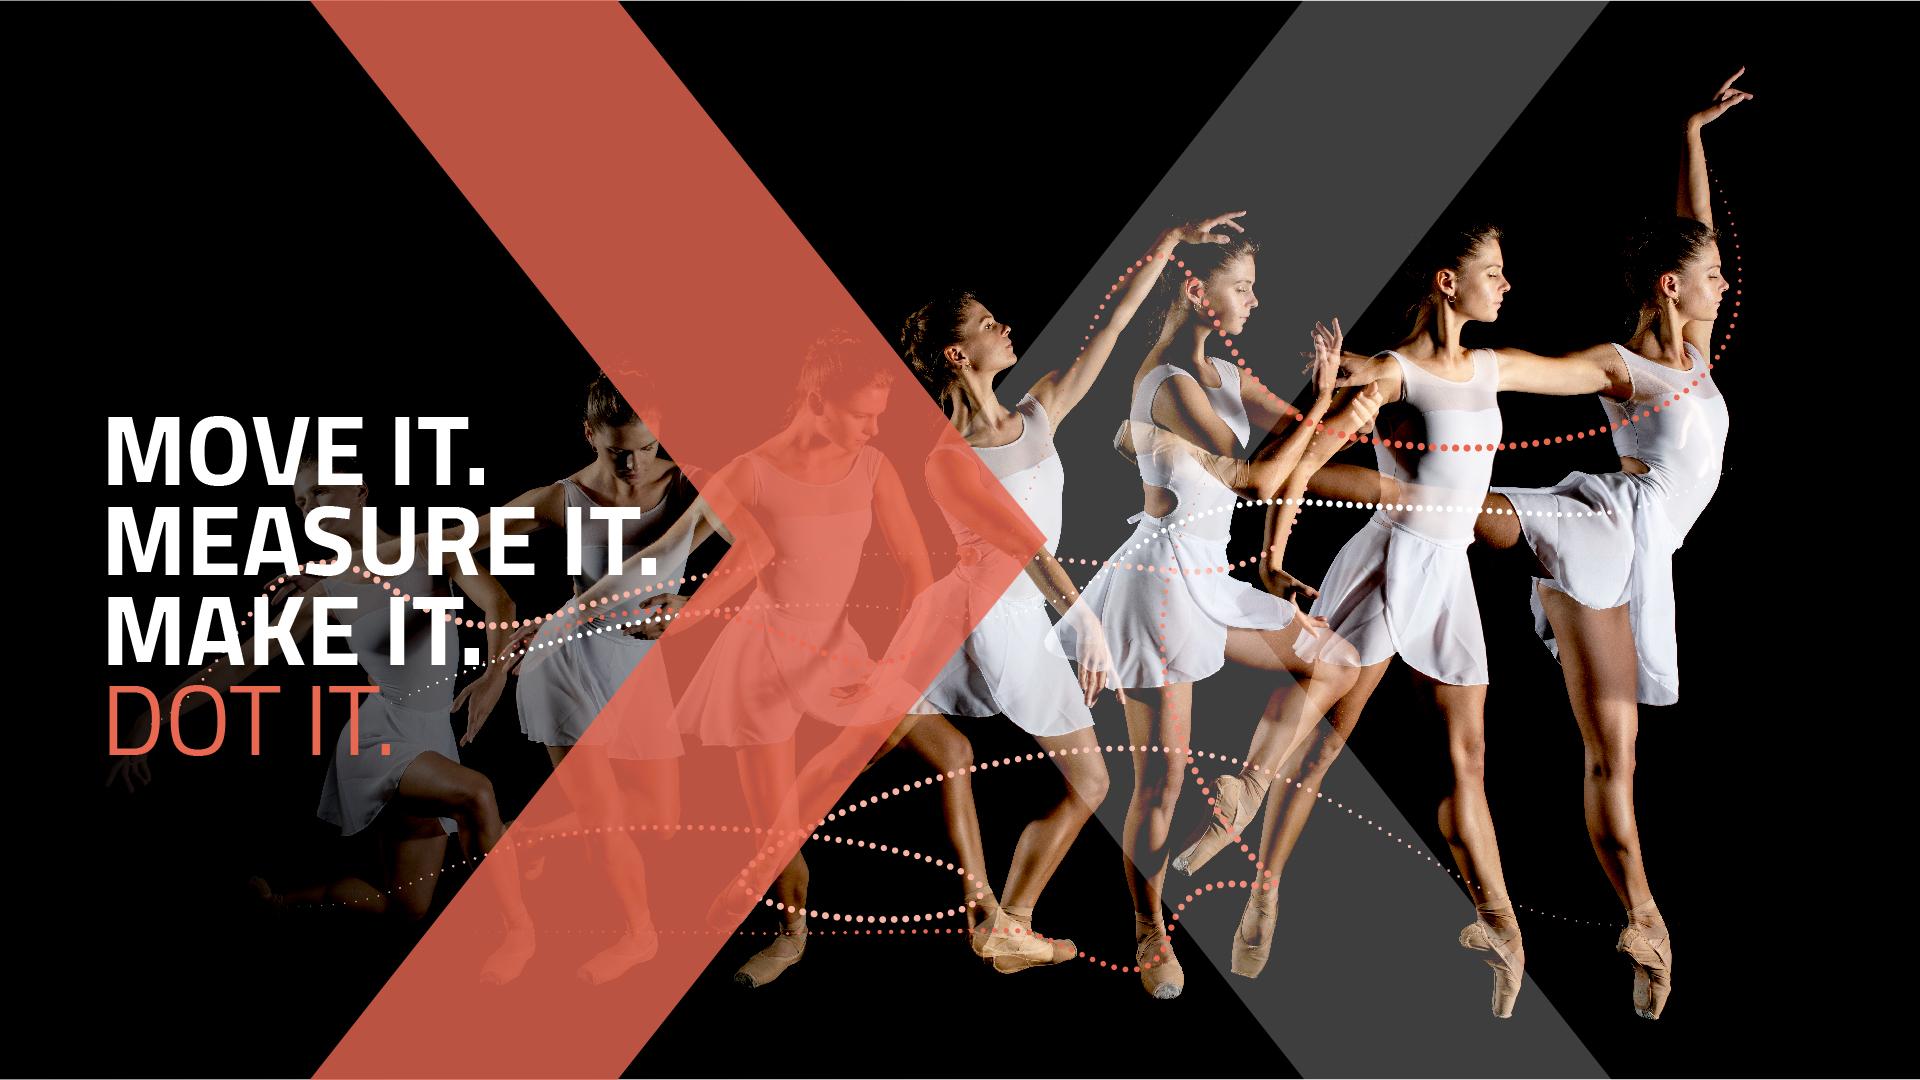 Xsens_DOT_Dancer1_KV-05